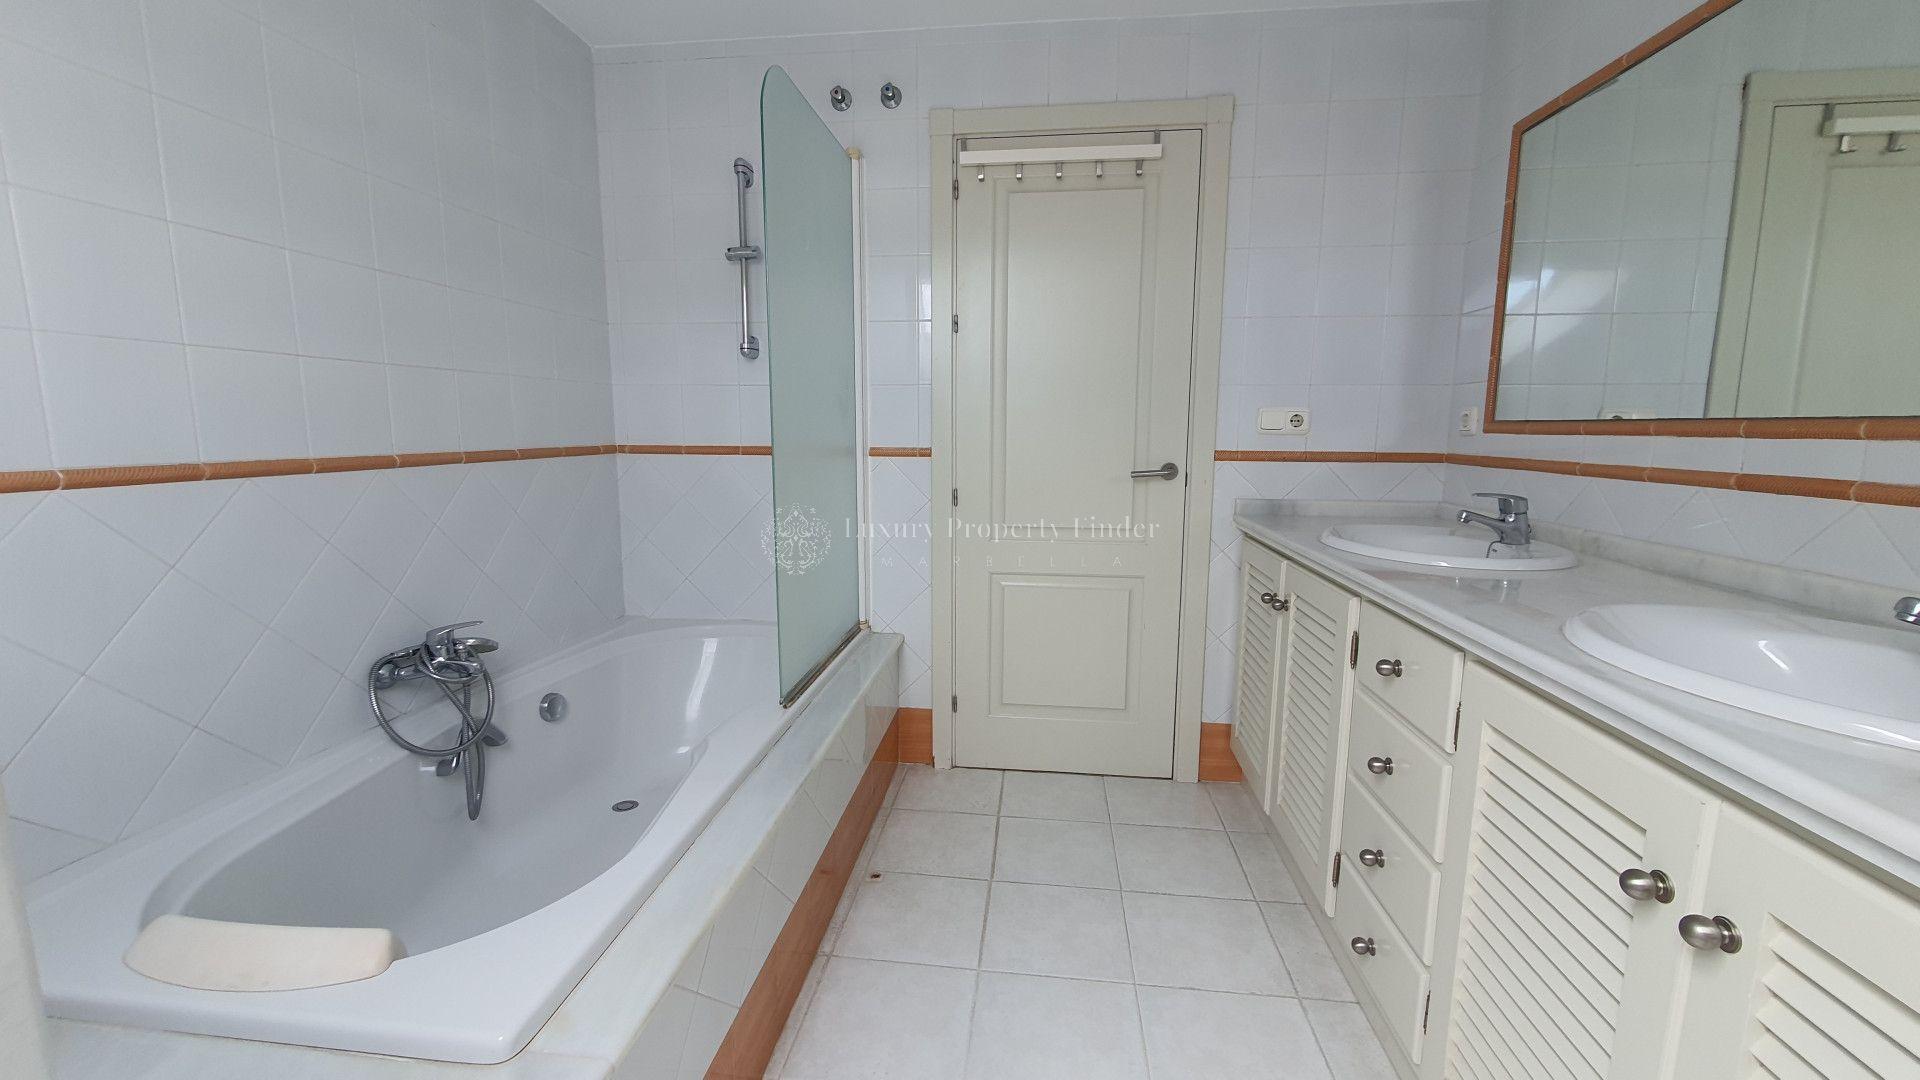 Penthouse for sale in <i>Marbella Centro, </i>Marbella